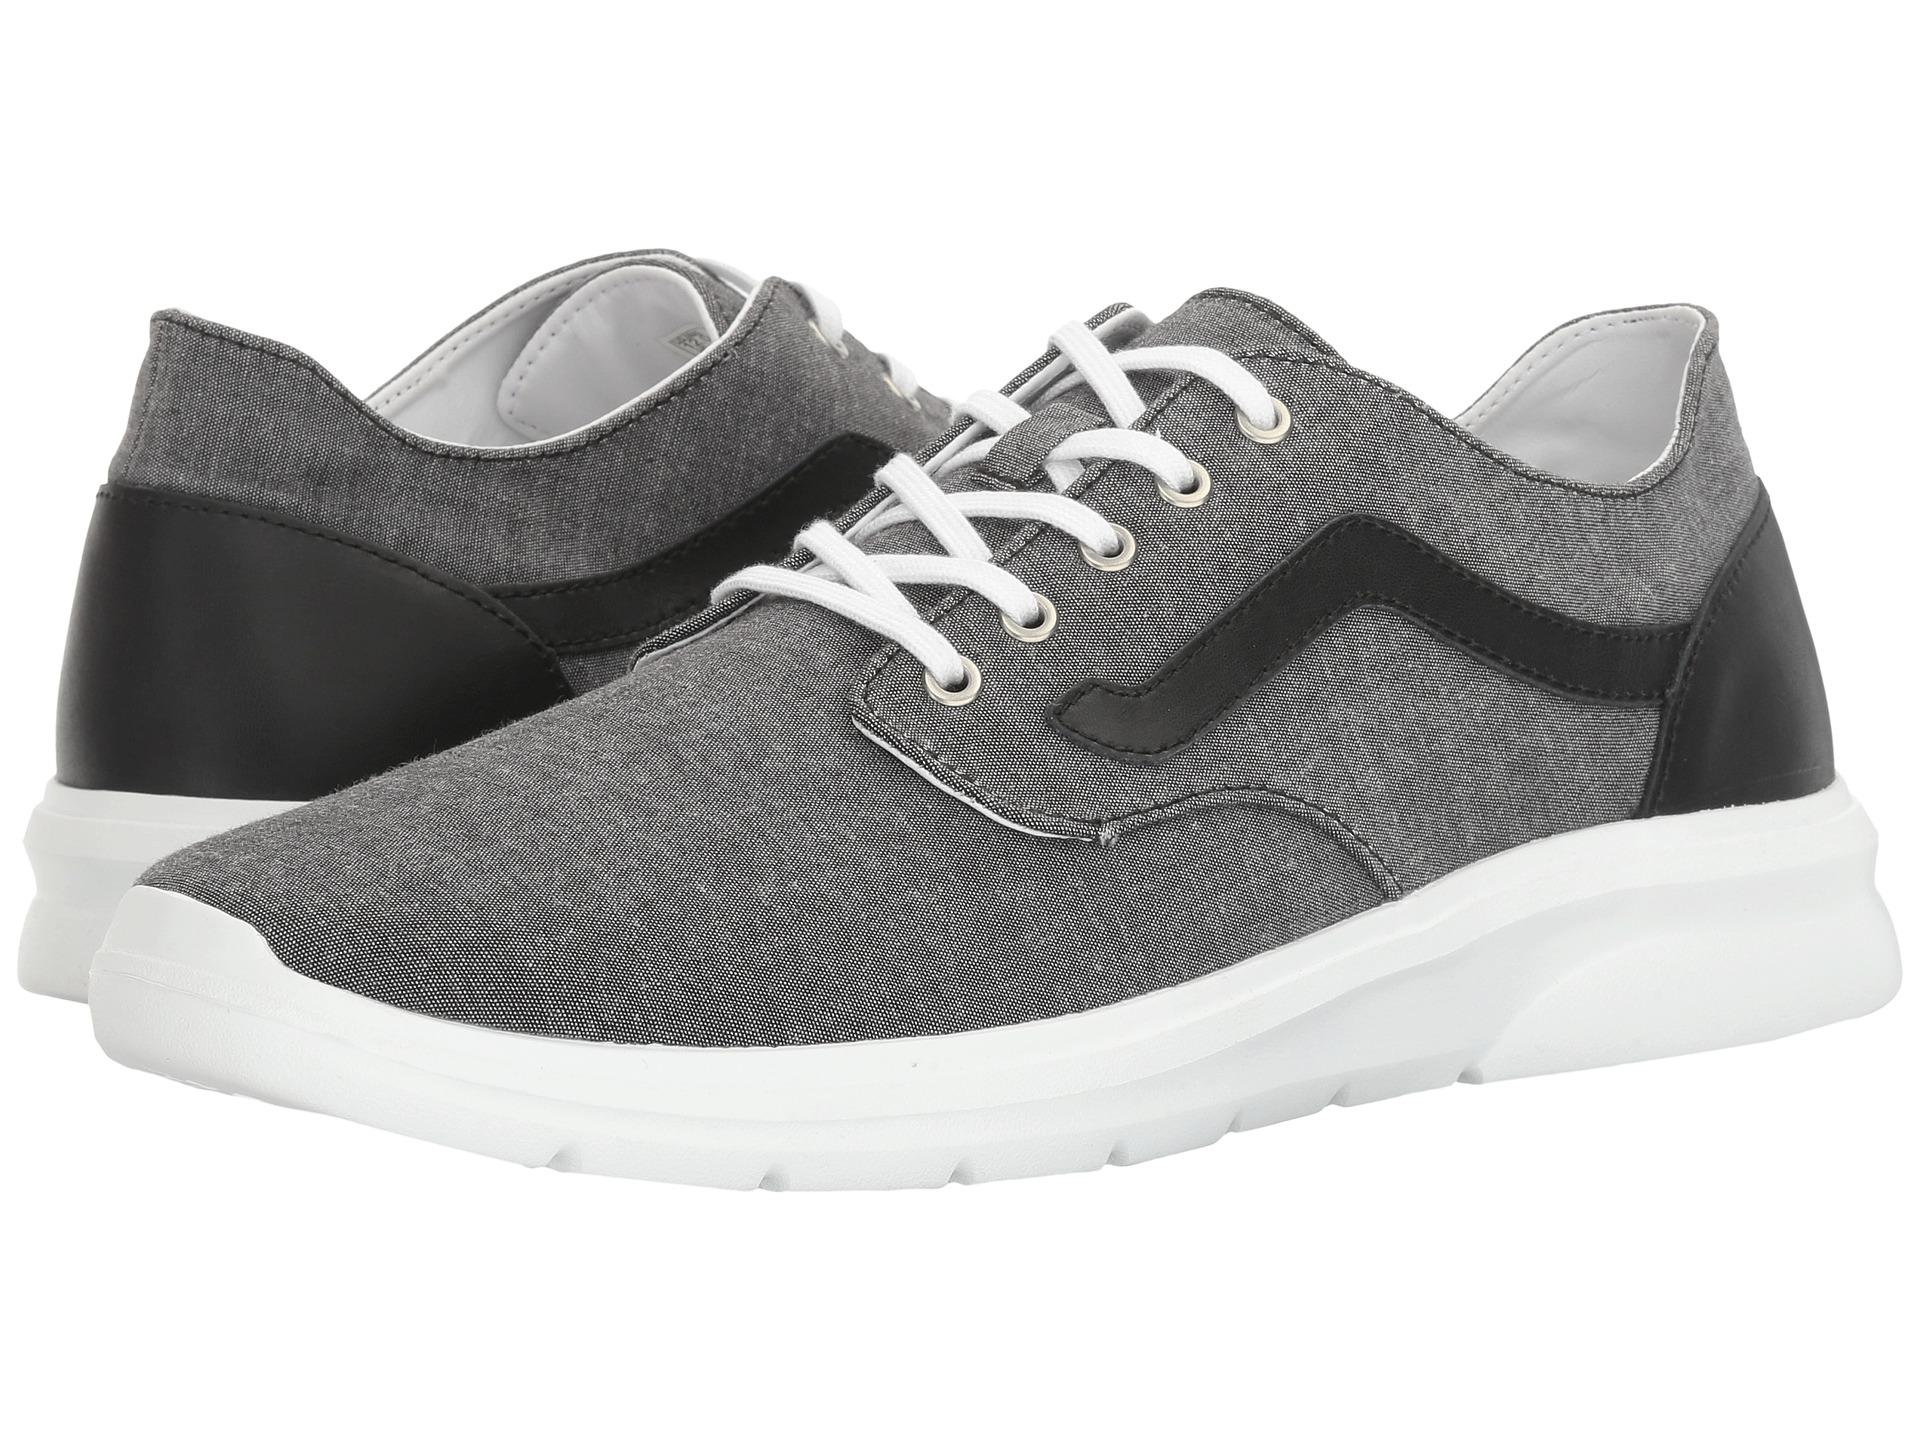 Vans Tennis Shoes On Sale